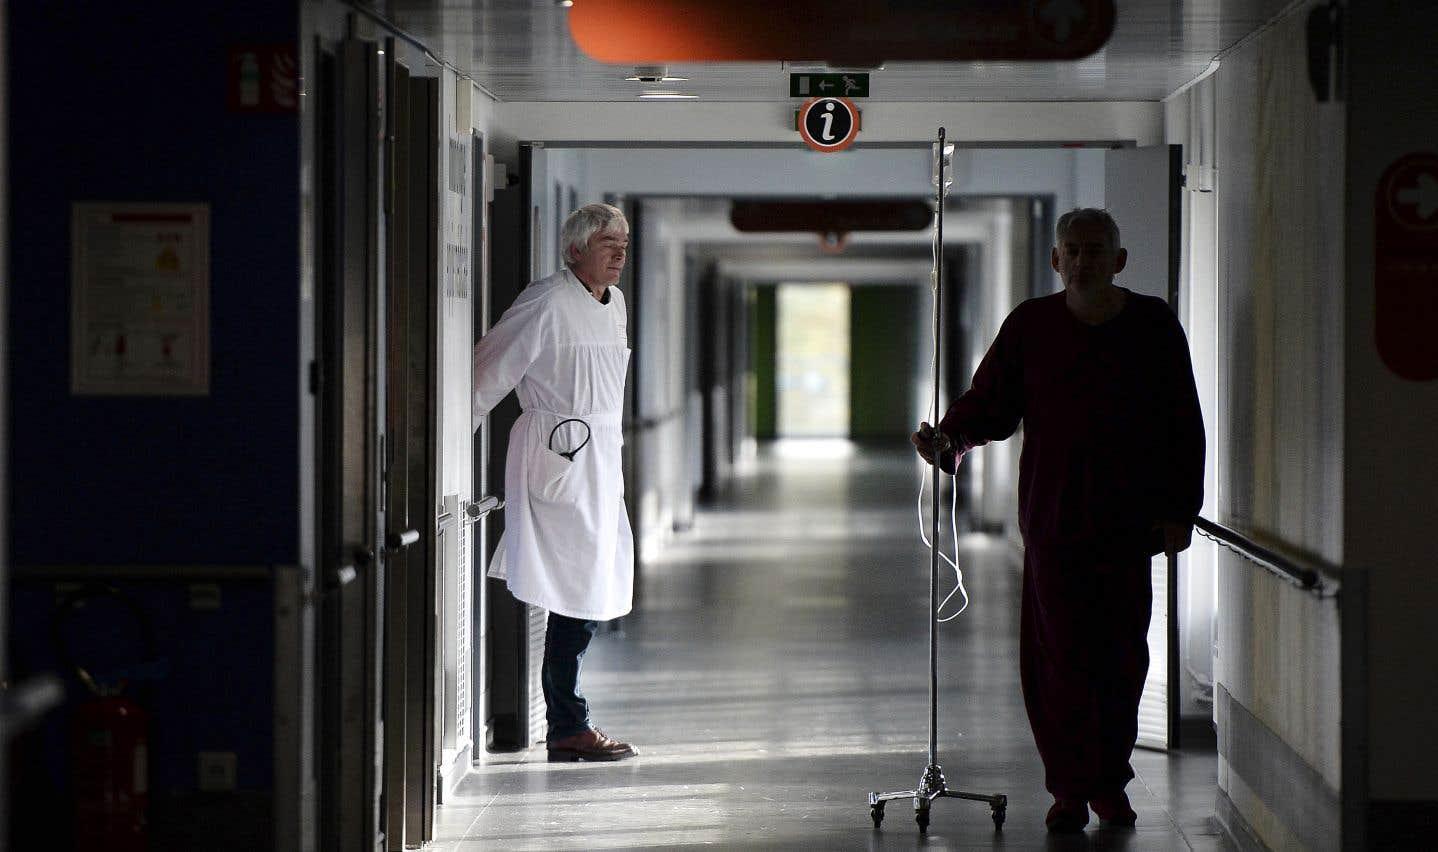 Dans l'état actuel des choses, le système de santé et de services sociaux du Québec est en sérieuse crise et on ne voit pas d'améliorations en vue, estime l'auteur.